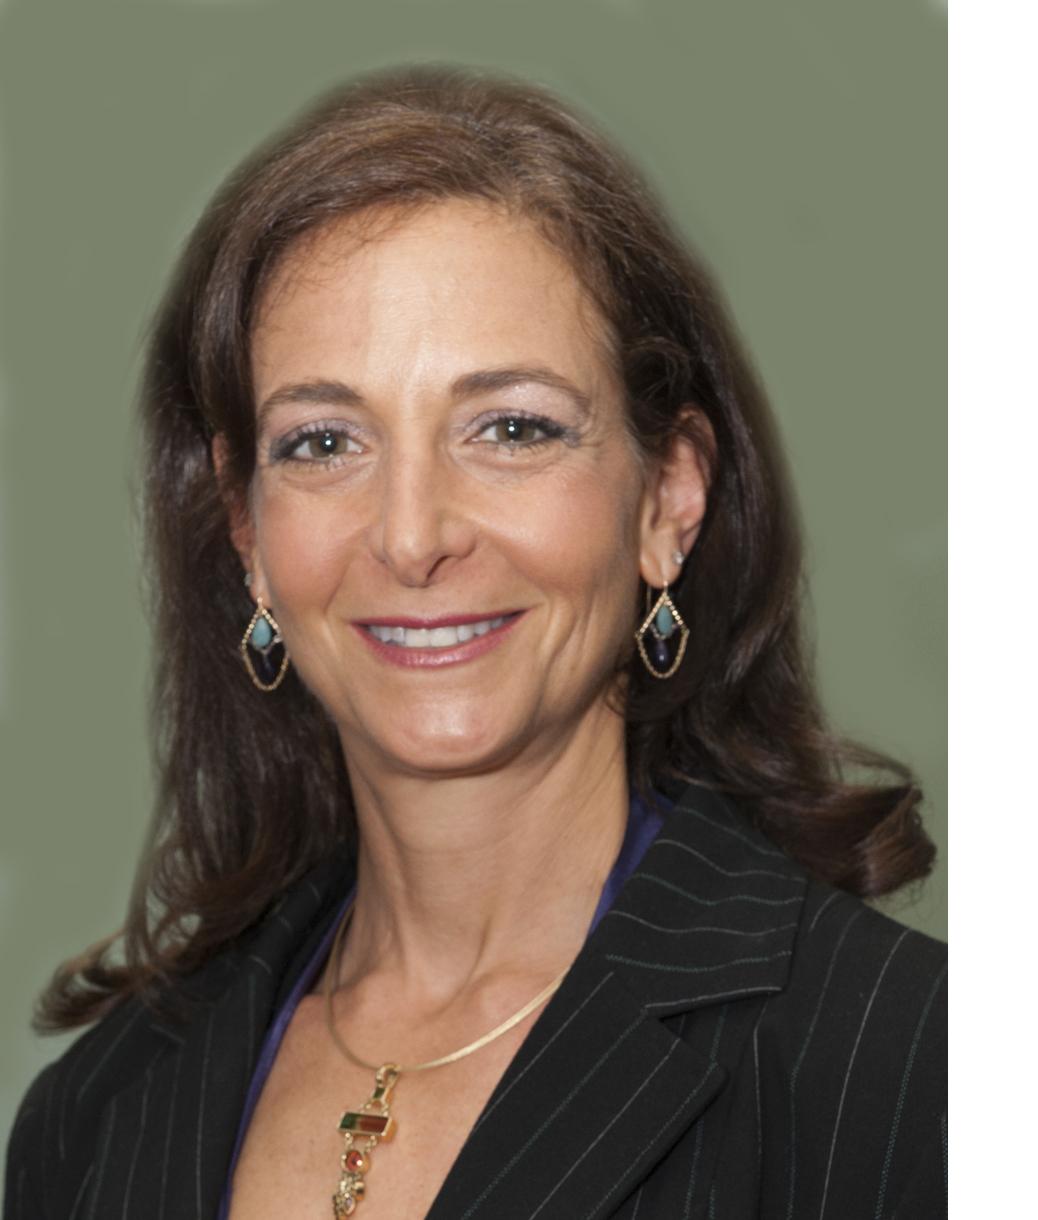 Lisa Silvershein